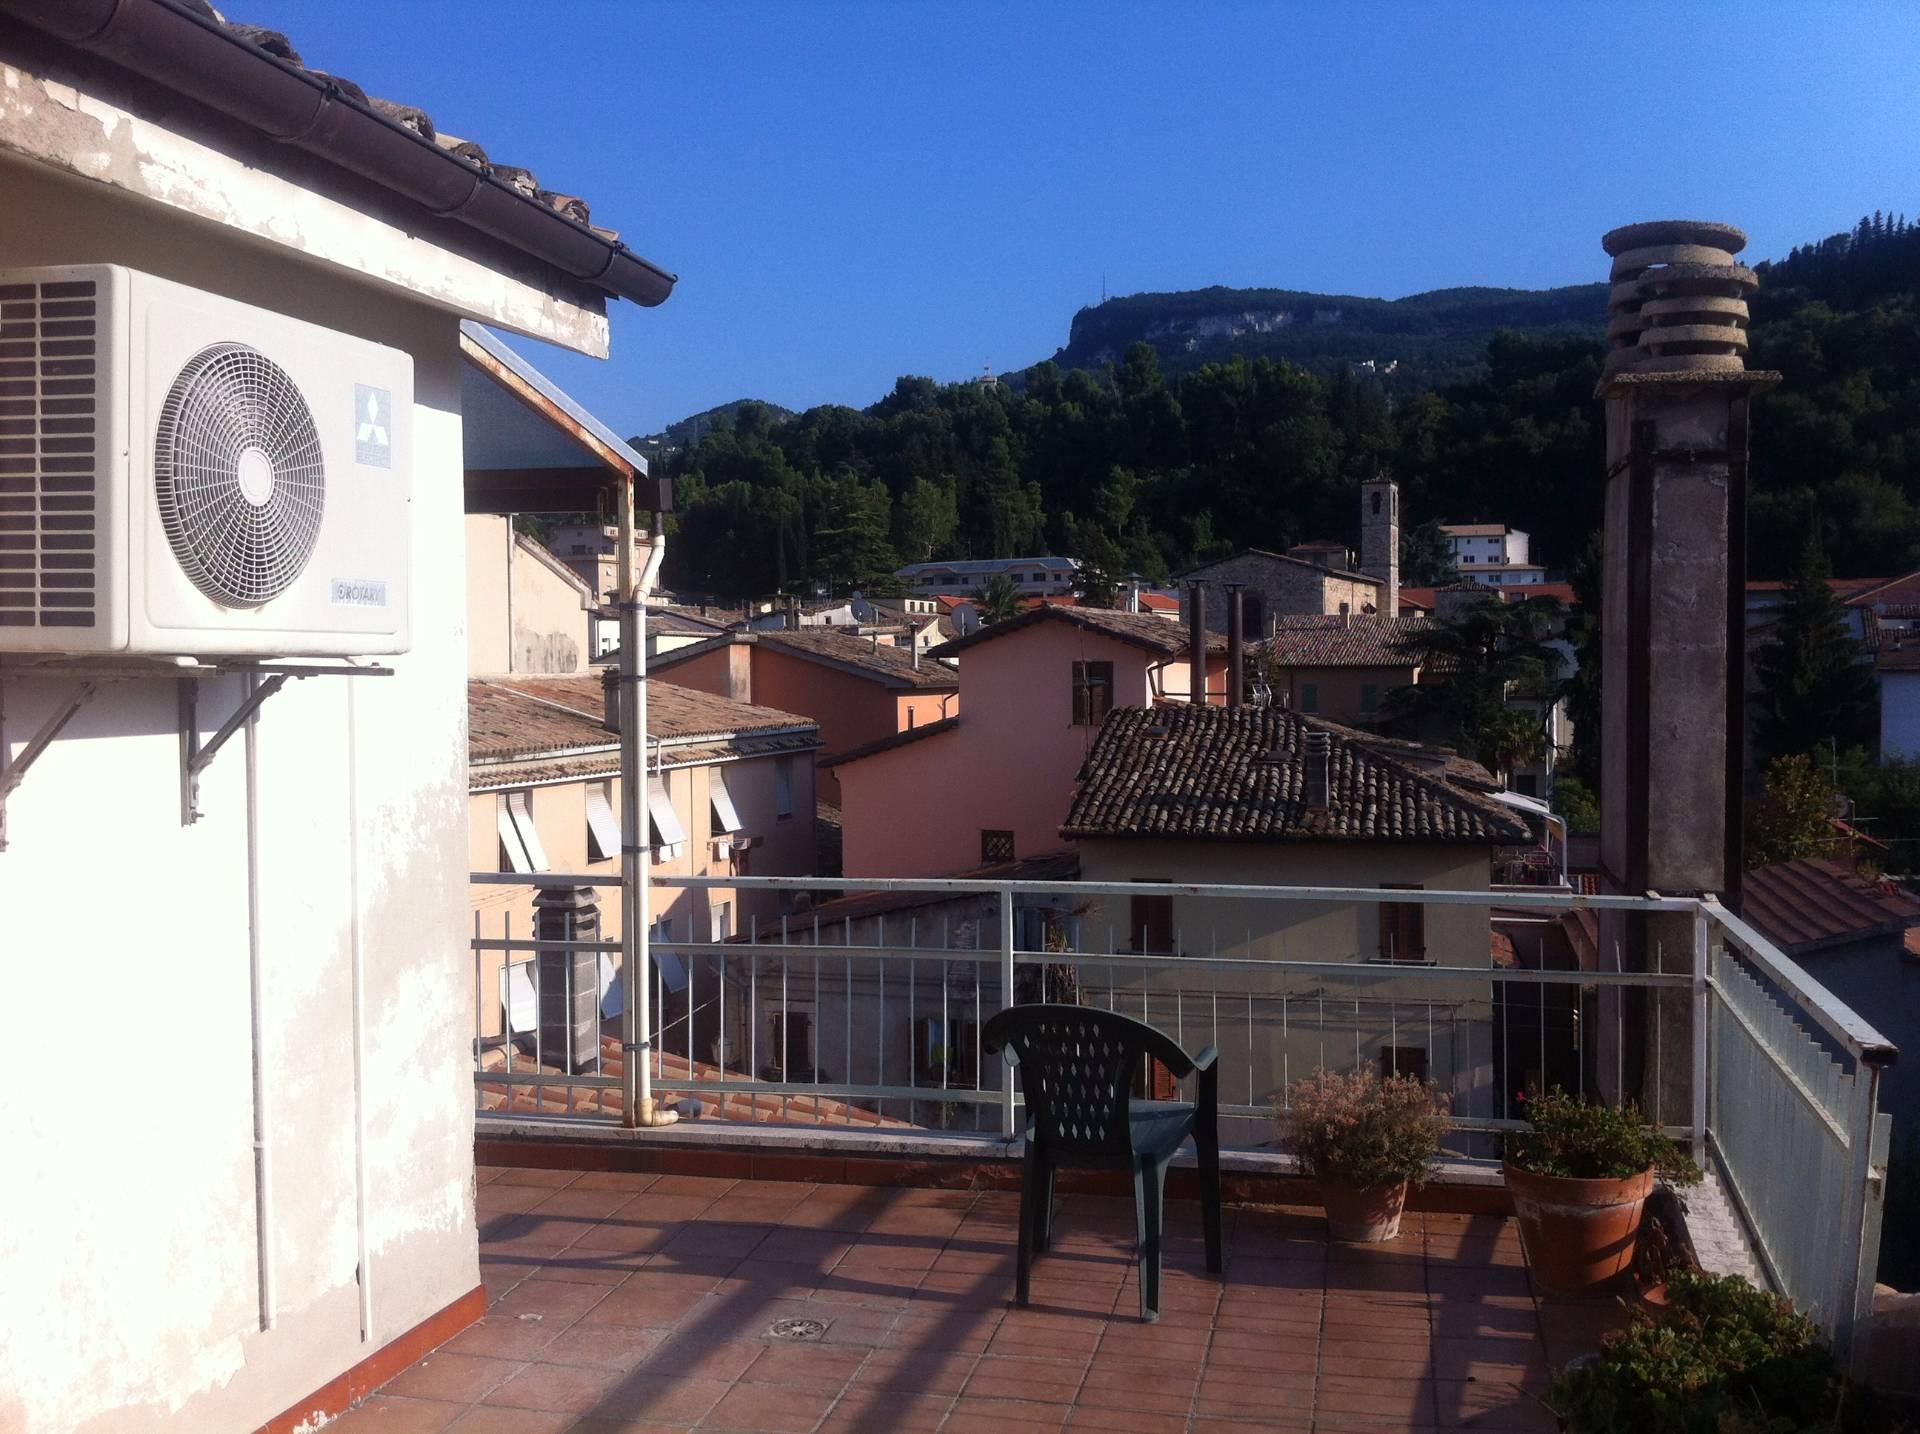 Appartamento in vendita a Ascoli Piceno, 10 locali, zona Località: CentroStorico, prezzo € 330.000 | Cambio Casa.it